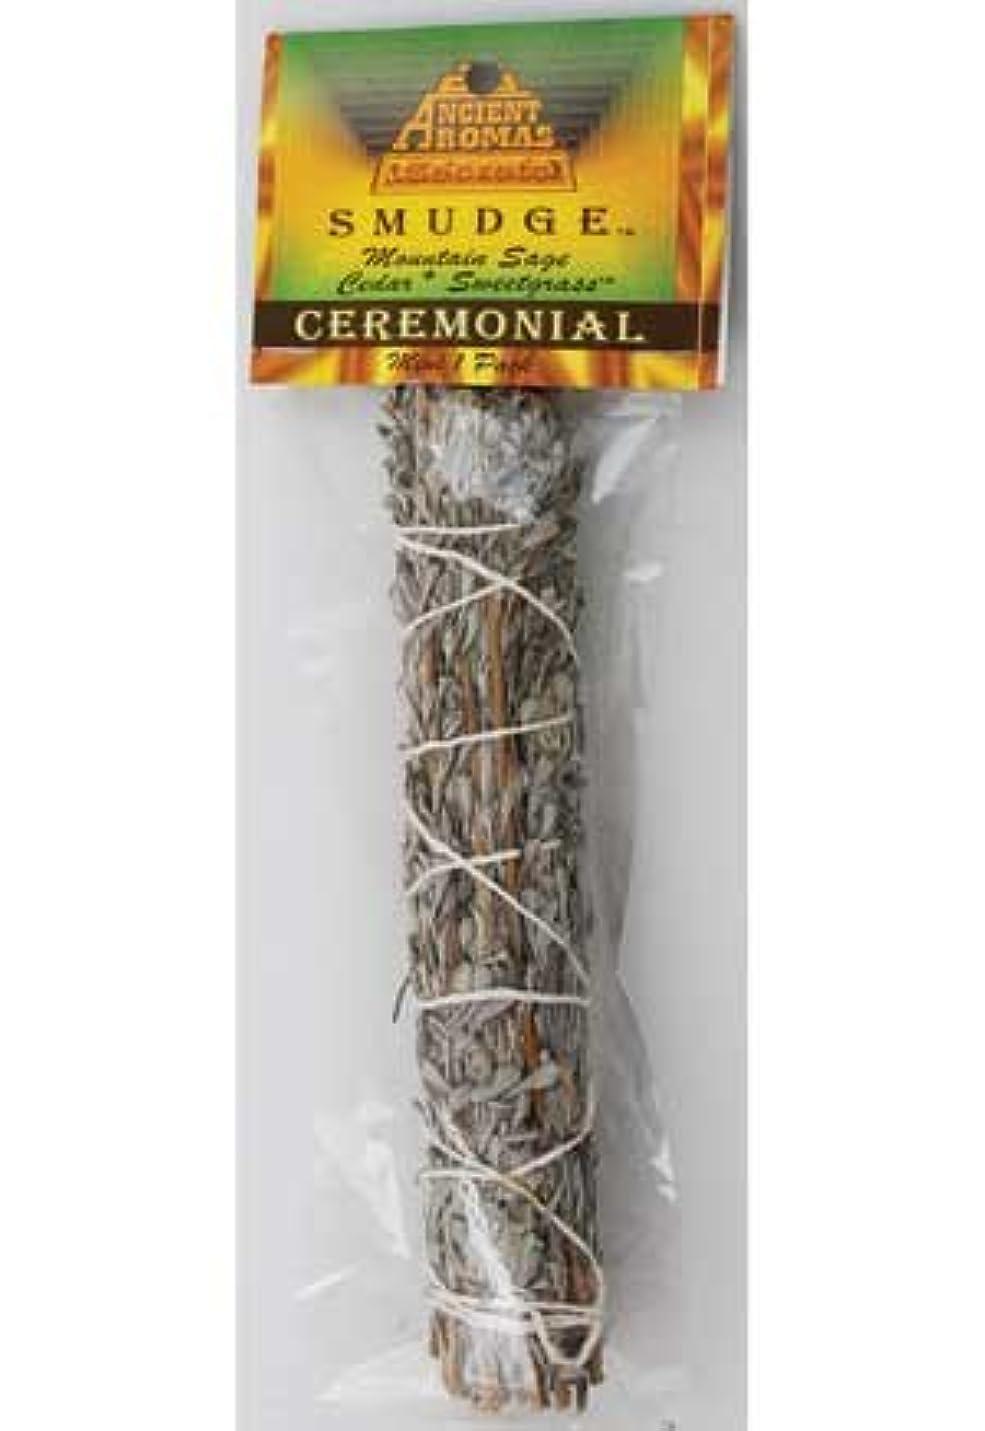 交通平らな表現Ceremonial Smudge Stick 5